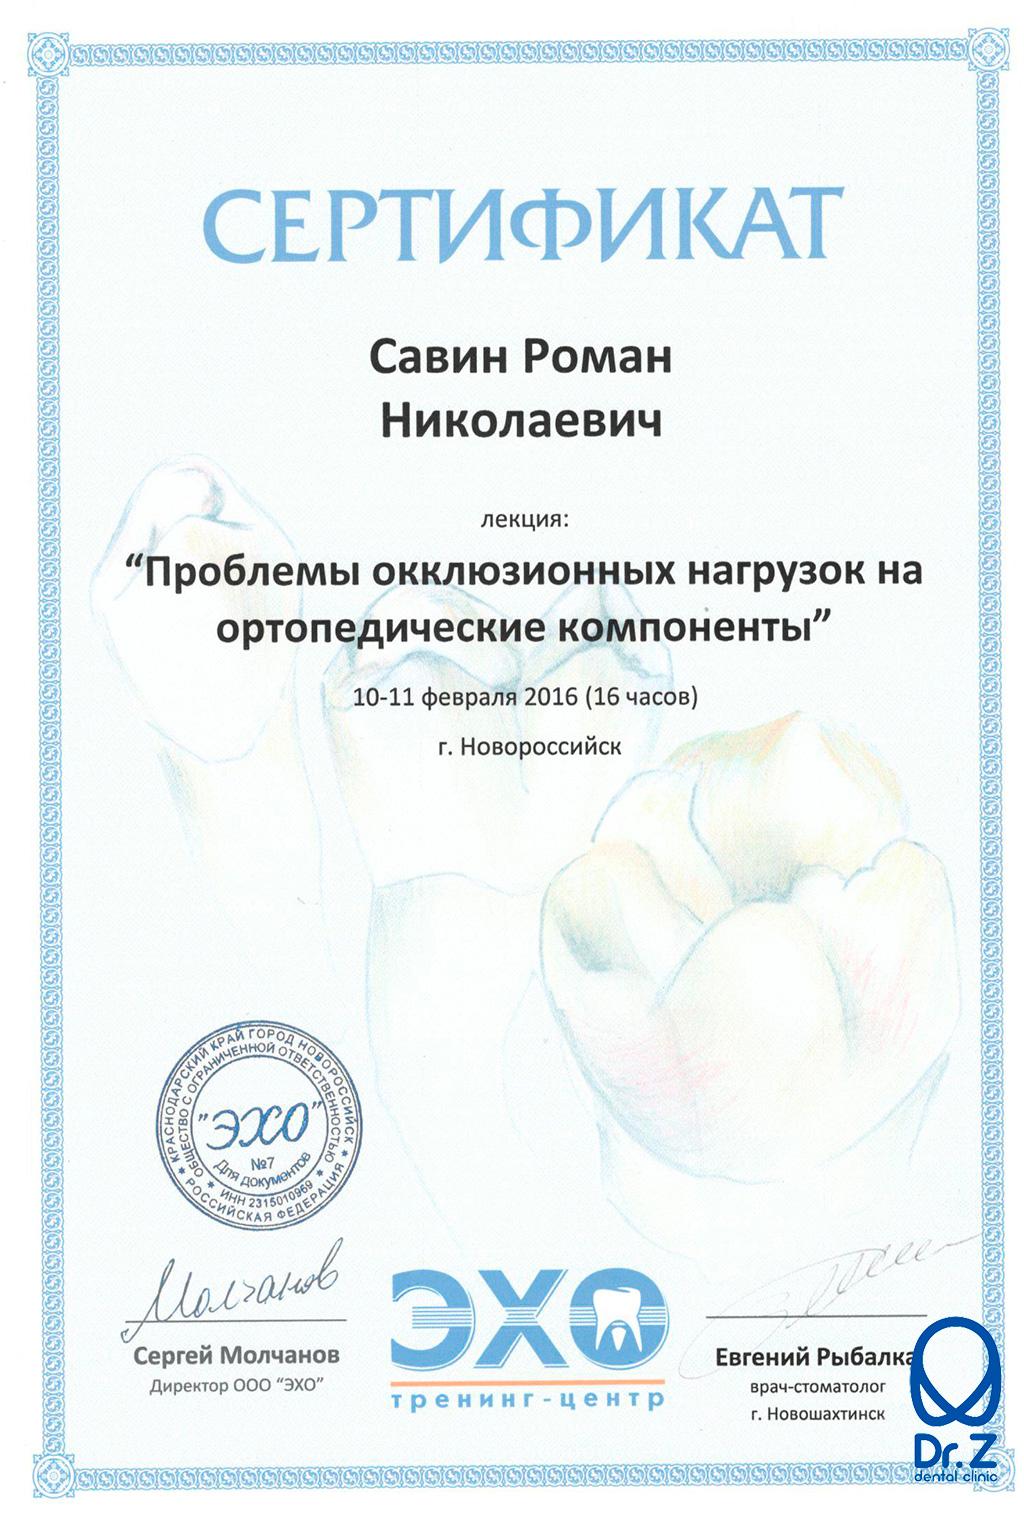 Сертификат по результатам прохождения Савиным Романом Николаевичем курса лекций по теме